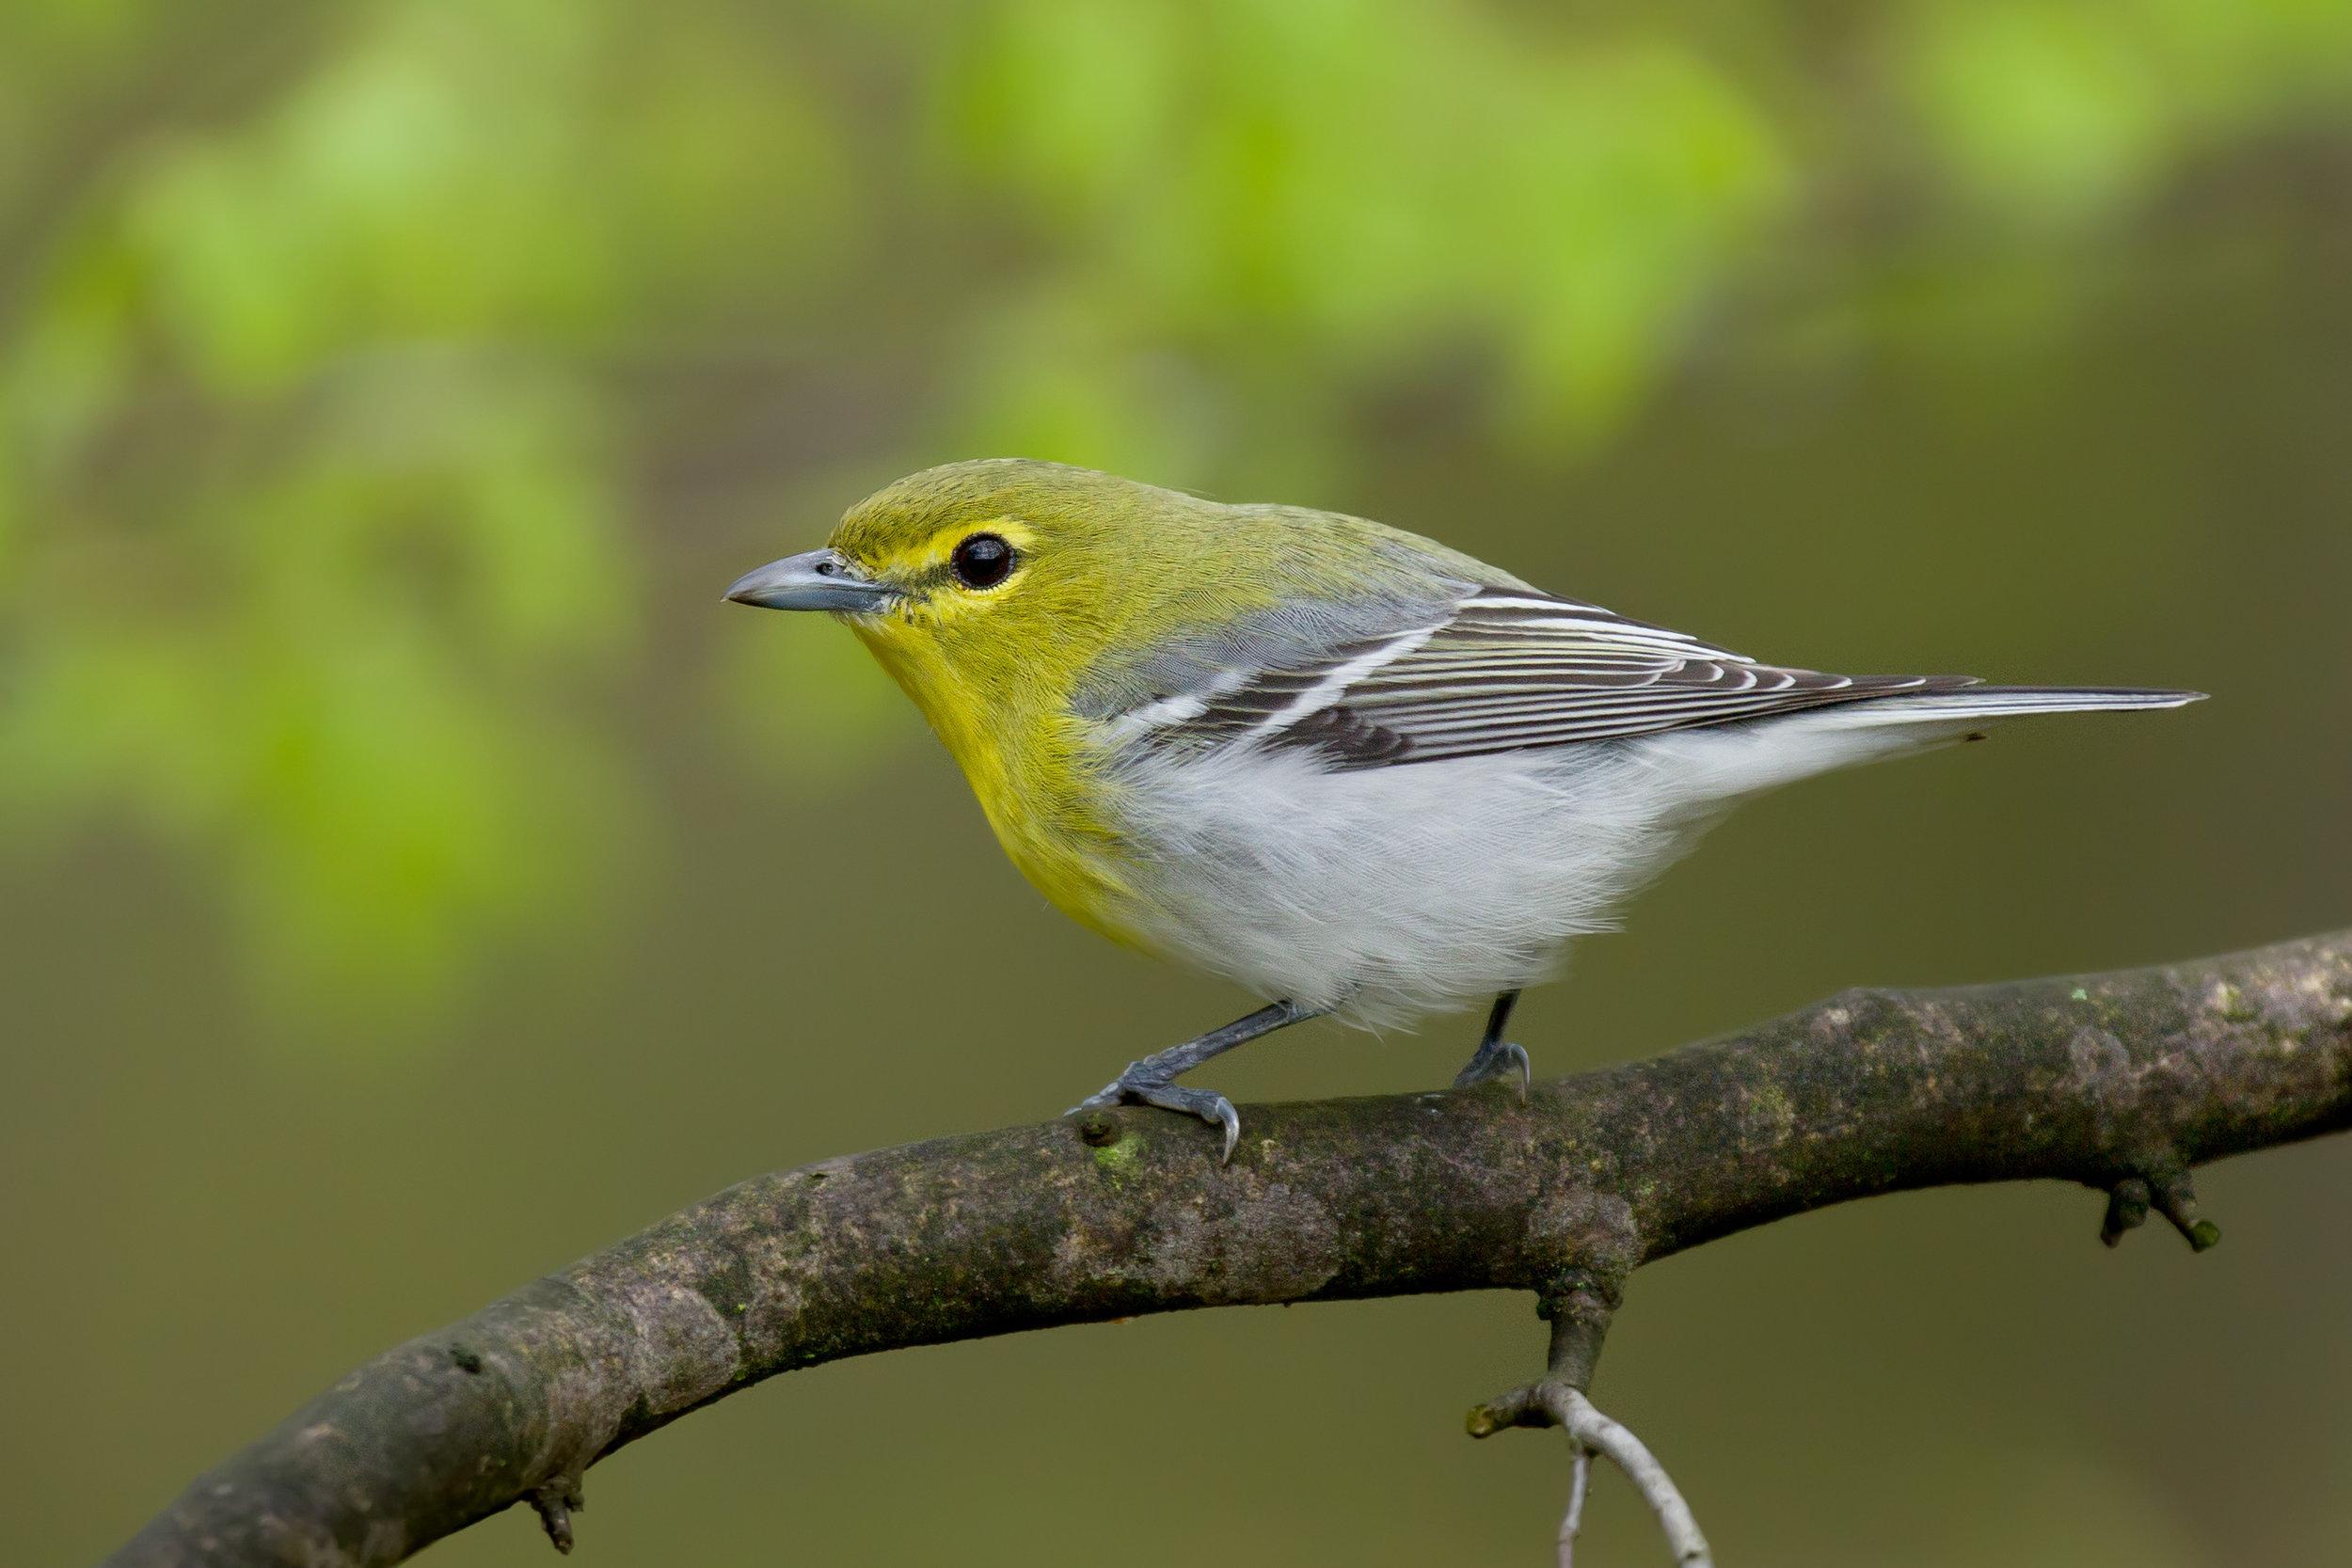 yellow-throated_vireo_EI8C0306229b.jpg